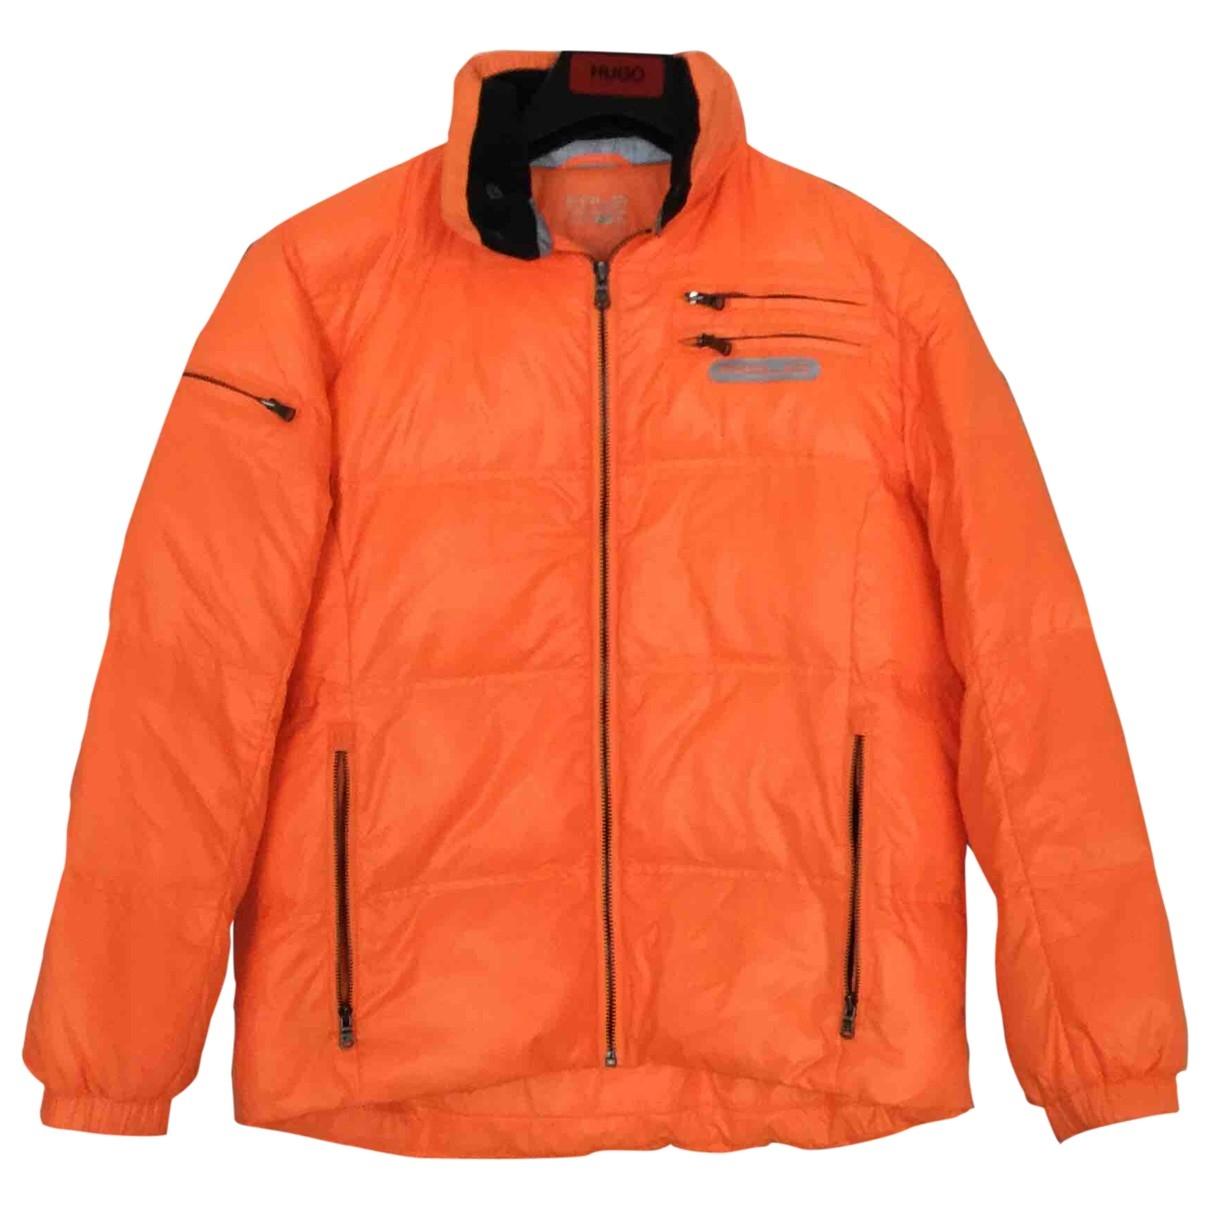 Polo Ralph Lauren - Blousons.Manteaux   pour enfant - orange